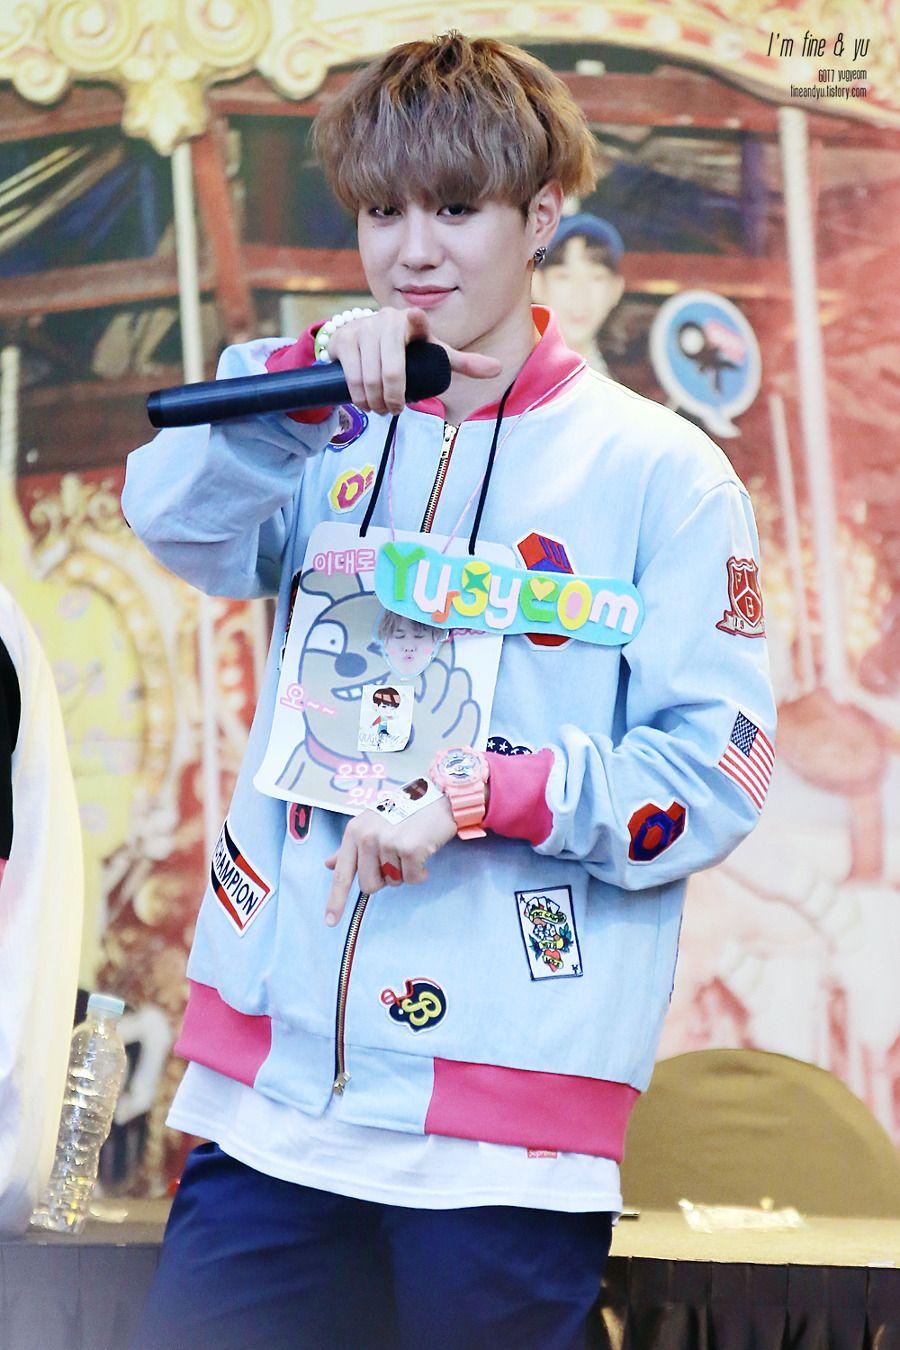 150724 명동 팬싸인회 :: I'm fine & yu